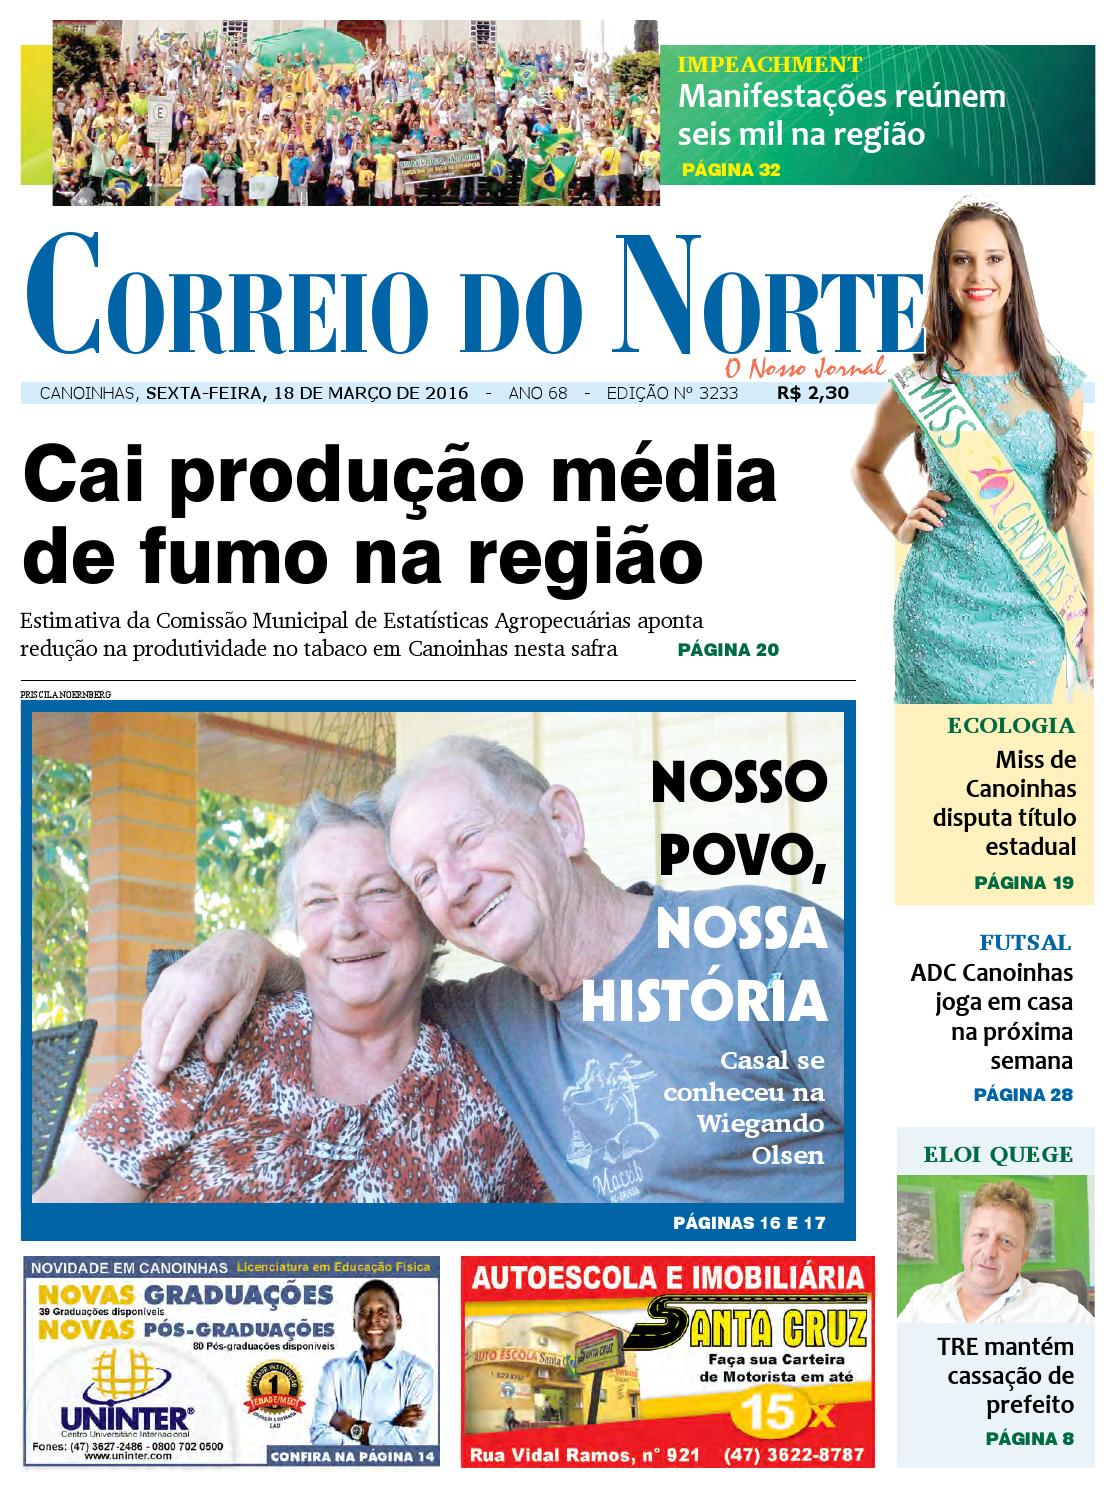 Edição 3233 by Jornal Correio do Norte - issuu 50c9a8769e8b